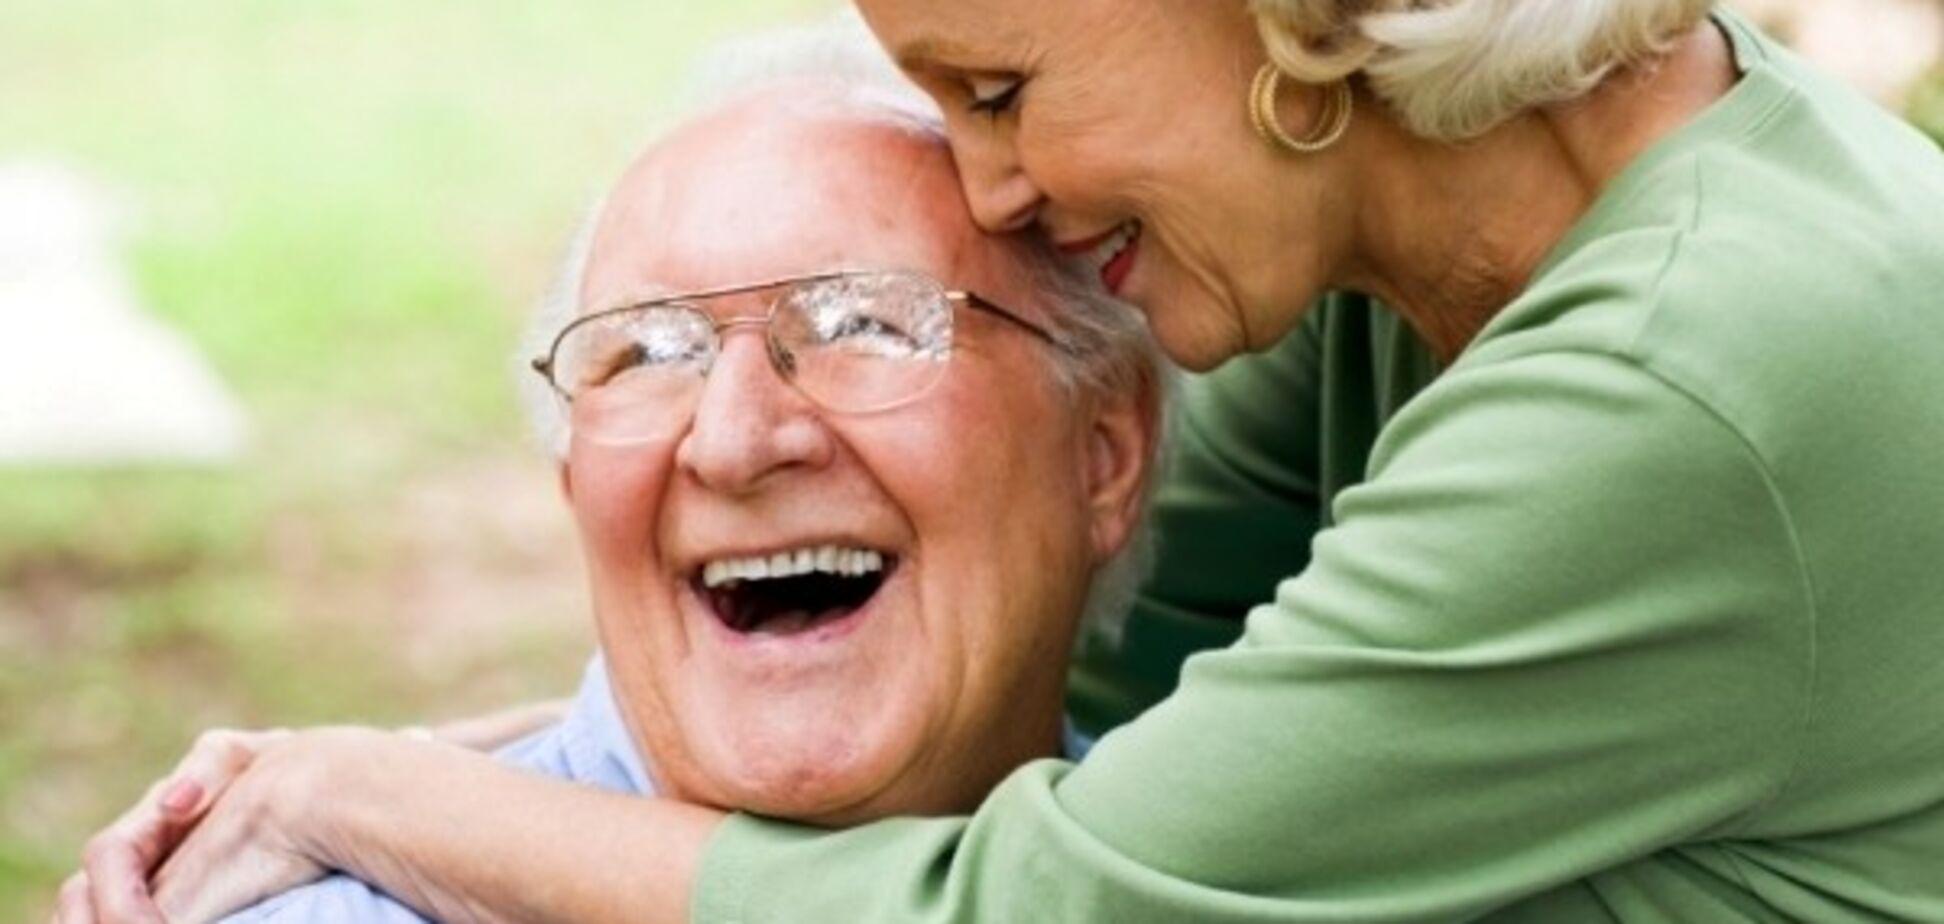 Как предотвратить Альцгеймера: названа ежедневная привычка, от которой нужно срочно отказаться